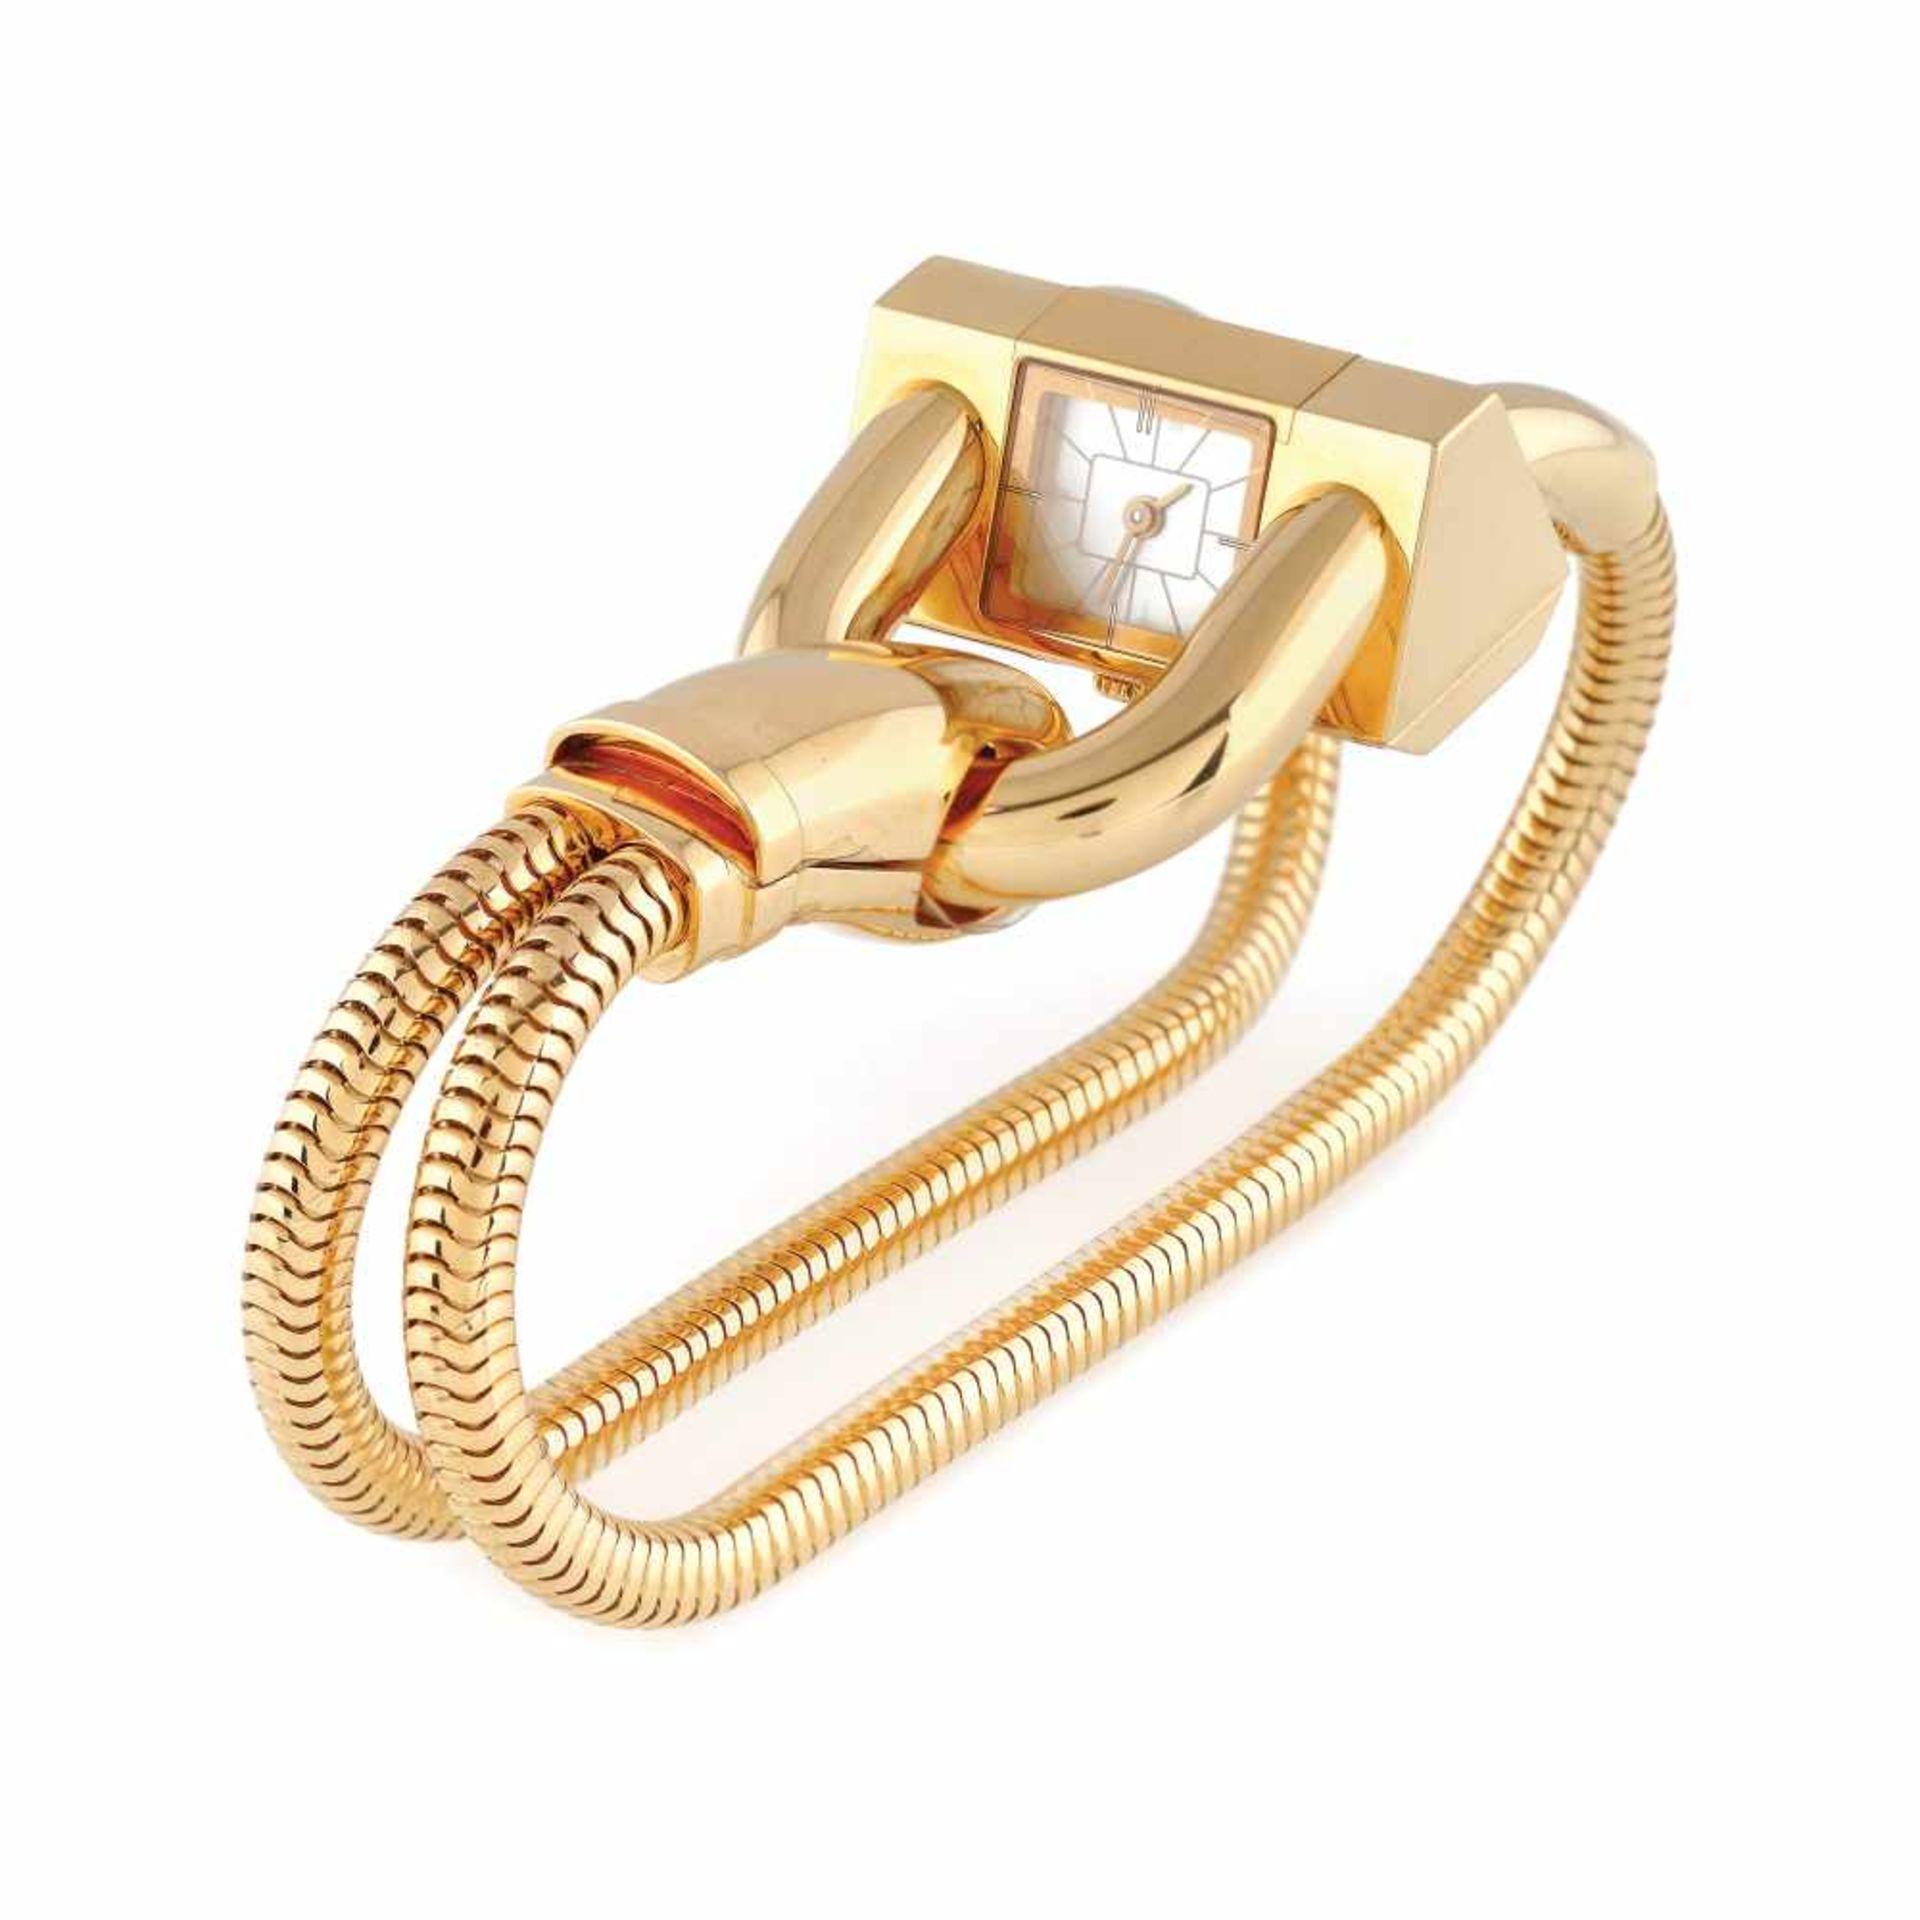 Van Cleef & Arpels Cadenas bracelet watch, gold, women